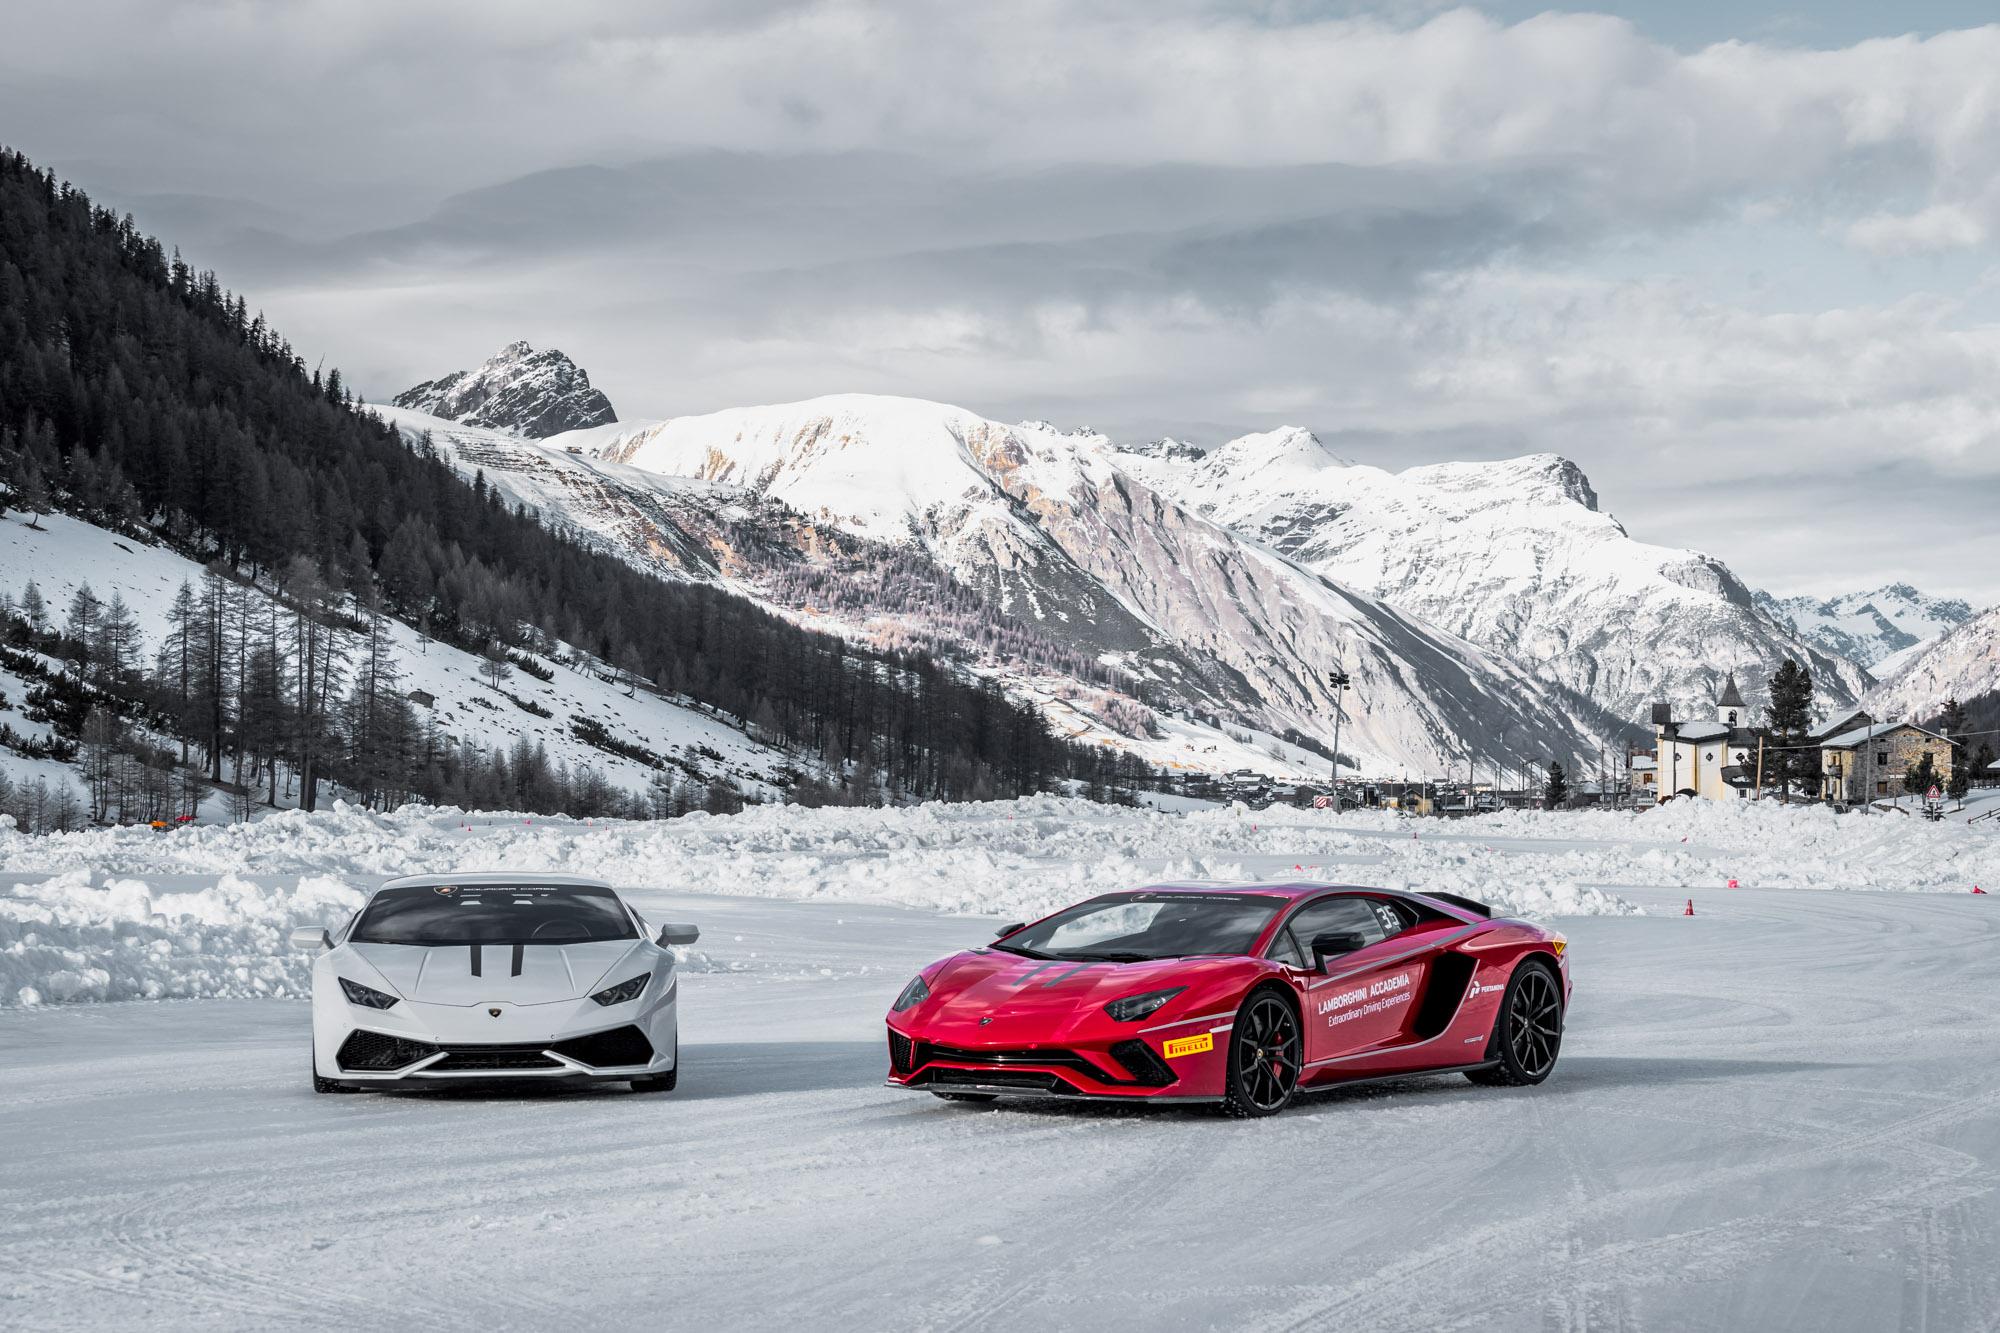 Lamborghini Winter Accademia 03